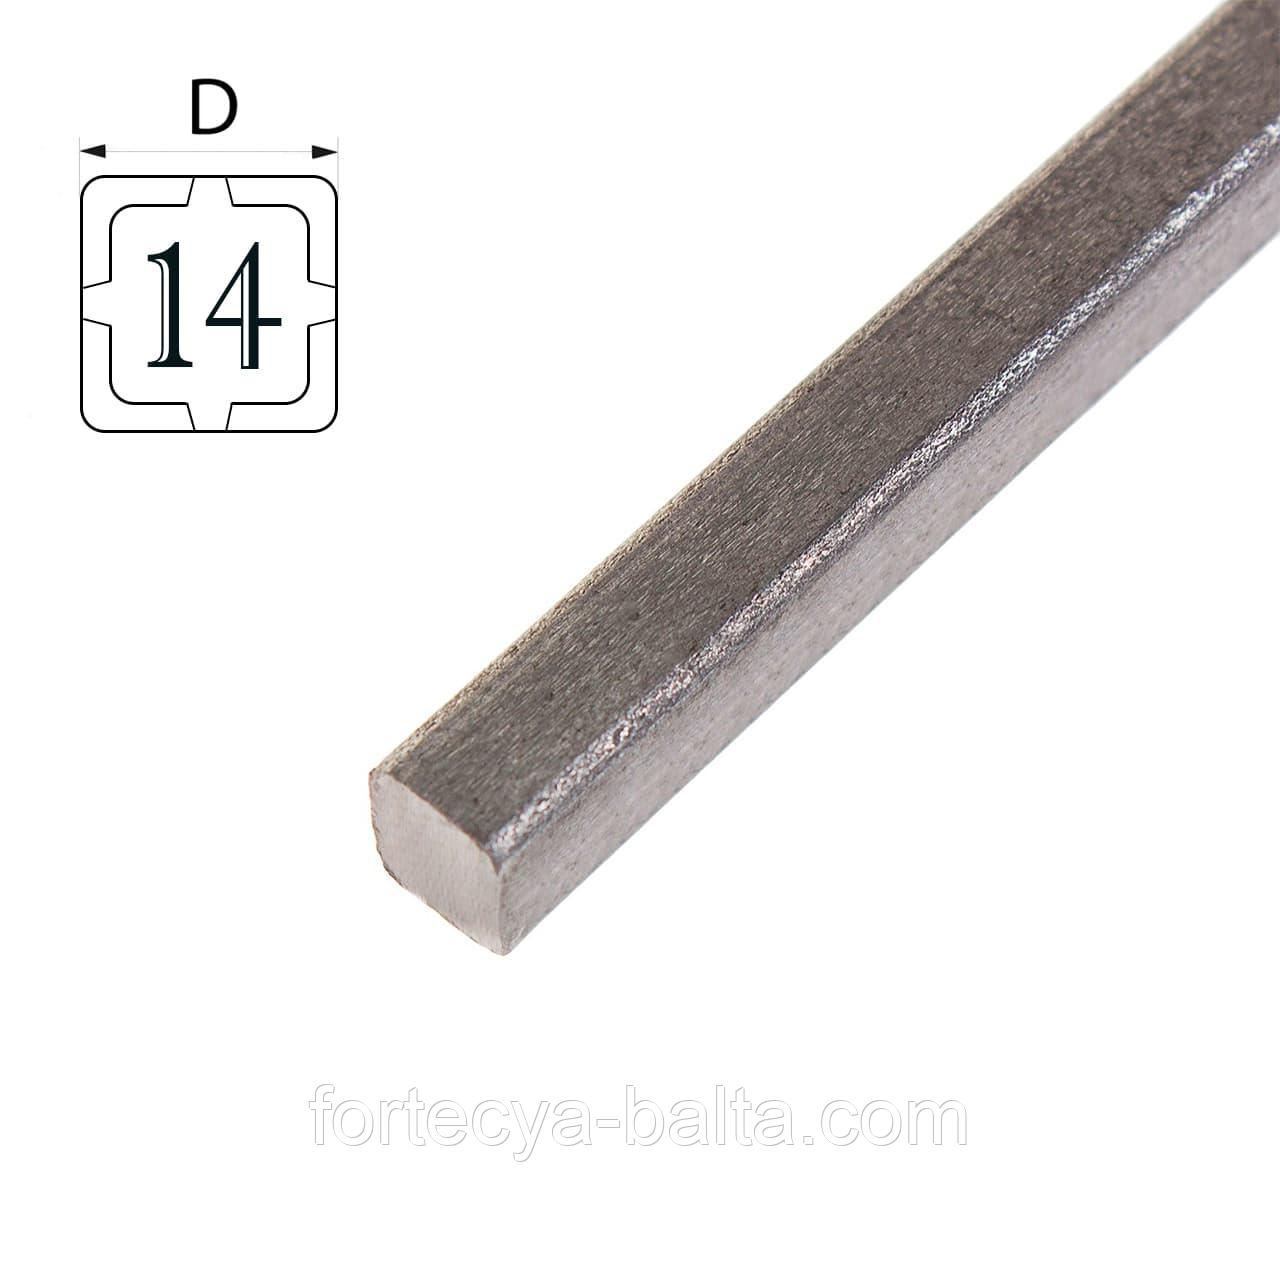 Квадрат металлический 14мм фото